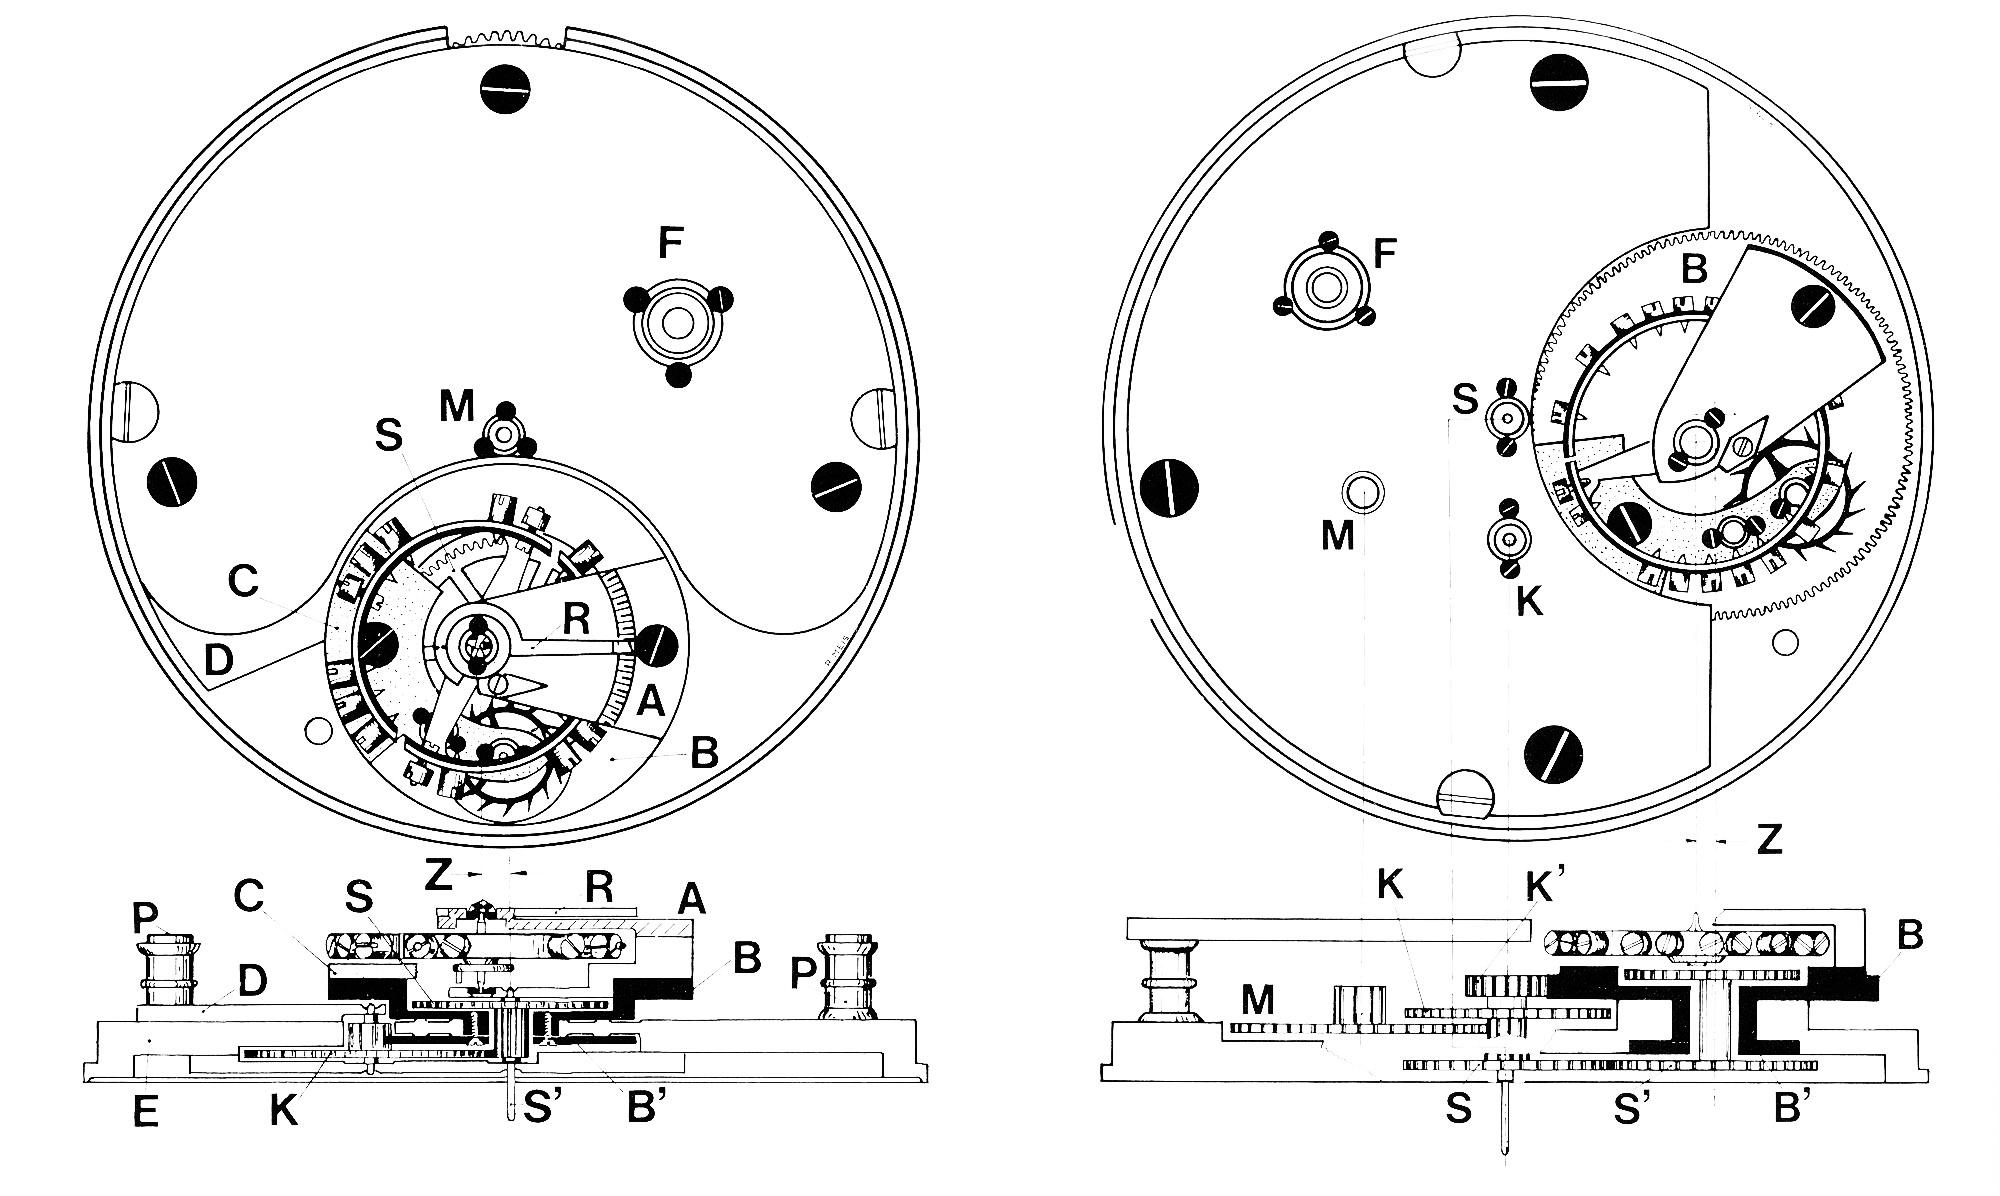 Scheme Carrousel (Reinhard Meis)